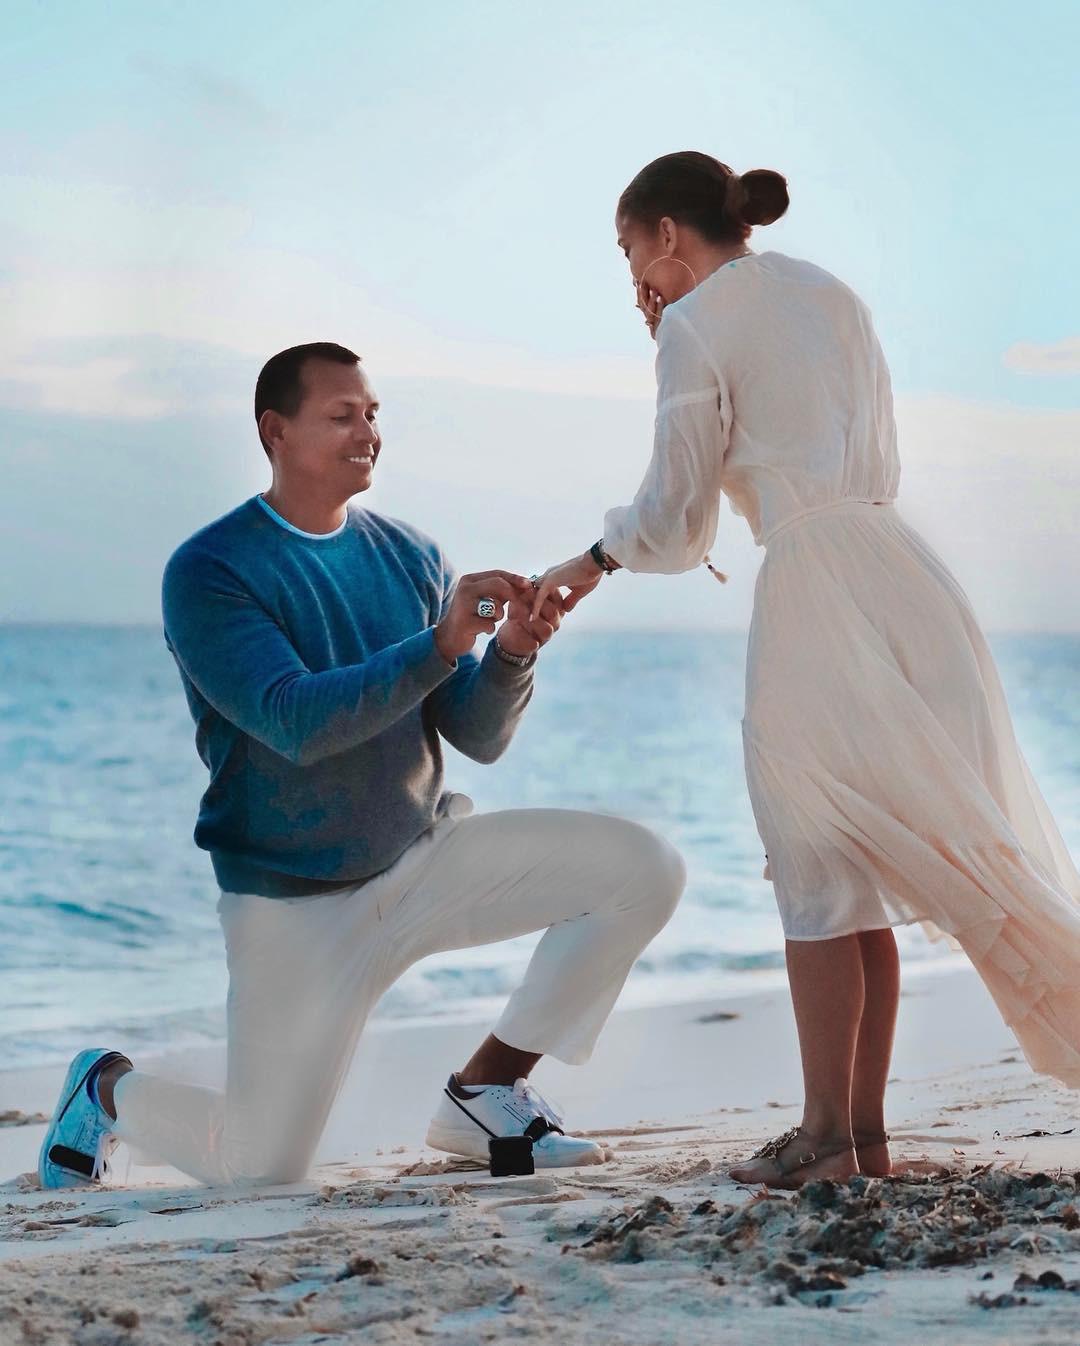 Sau khi khoe nhẫn siêu khủng, Jennifer Lopez tiếp tục gây ghen tị vì loạt ảnh cầu hôn đẹp như phim ngôn tình - Ảnh 4.